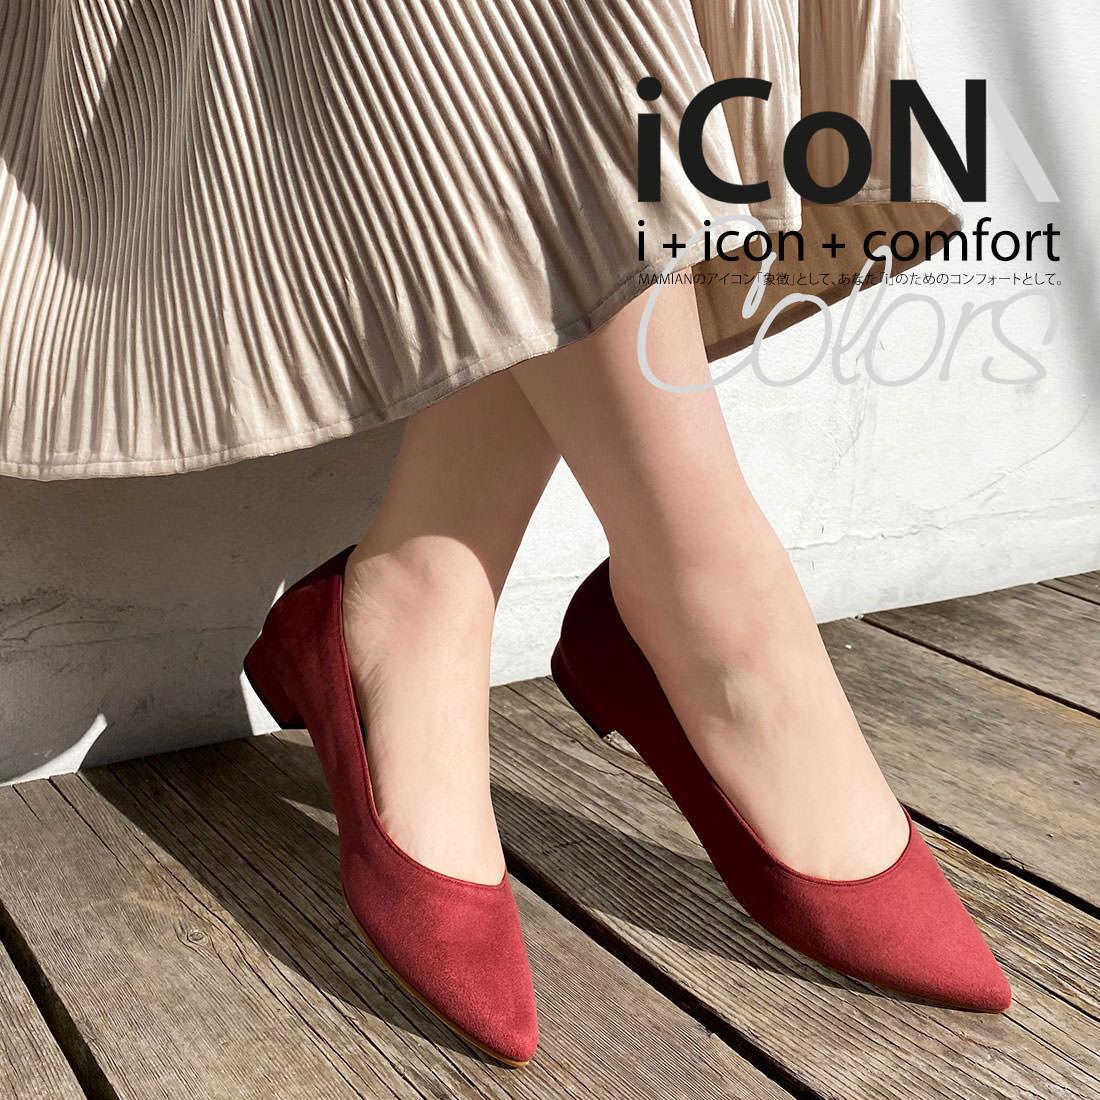 ポインテッドトゥカラーシューズ iCoN Colors 15P:ボルドーS :履きやすさと美脚に魅せるシルエットを両立したマミアンカラーシューズ:旬のカラーで魅せる美脚実現シューズ 美脚スエードポインテッドトゥカラーシューズ 足が痛くない なりにくい 1.5cmヒール 日本正規品 日本製 初回限定 レディース 15P:ボルドースエード オフィス カジュアル C20142 通勤 デイリー 2021AW 22.5cm~25.0cm